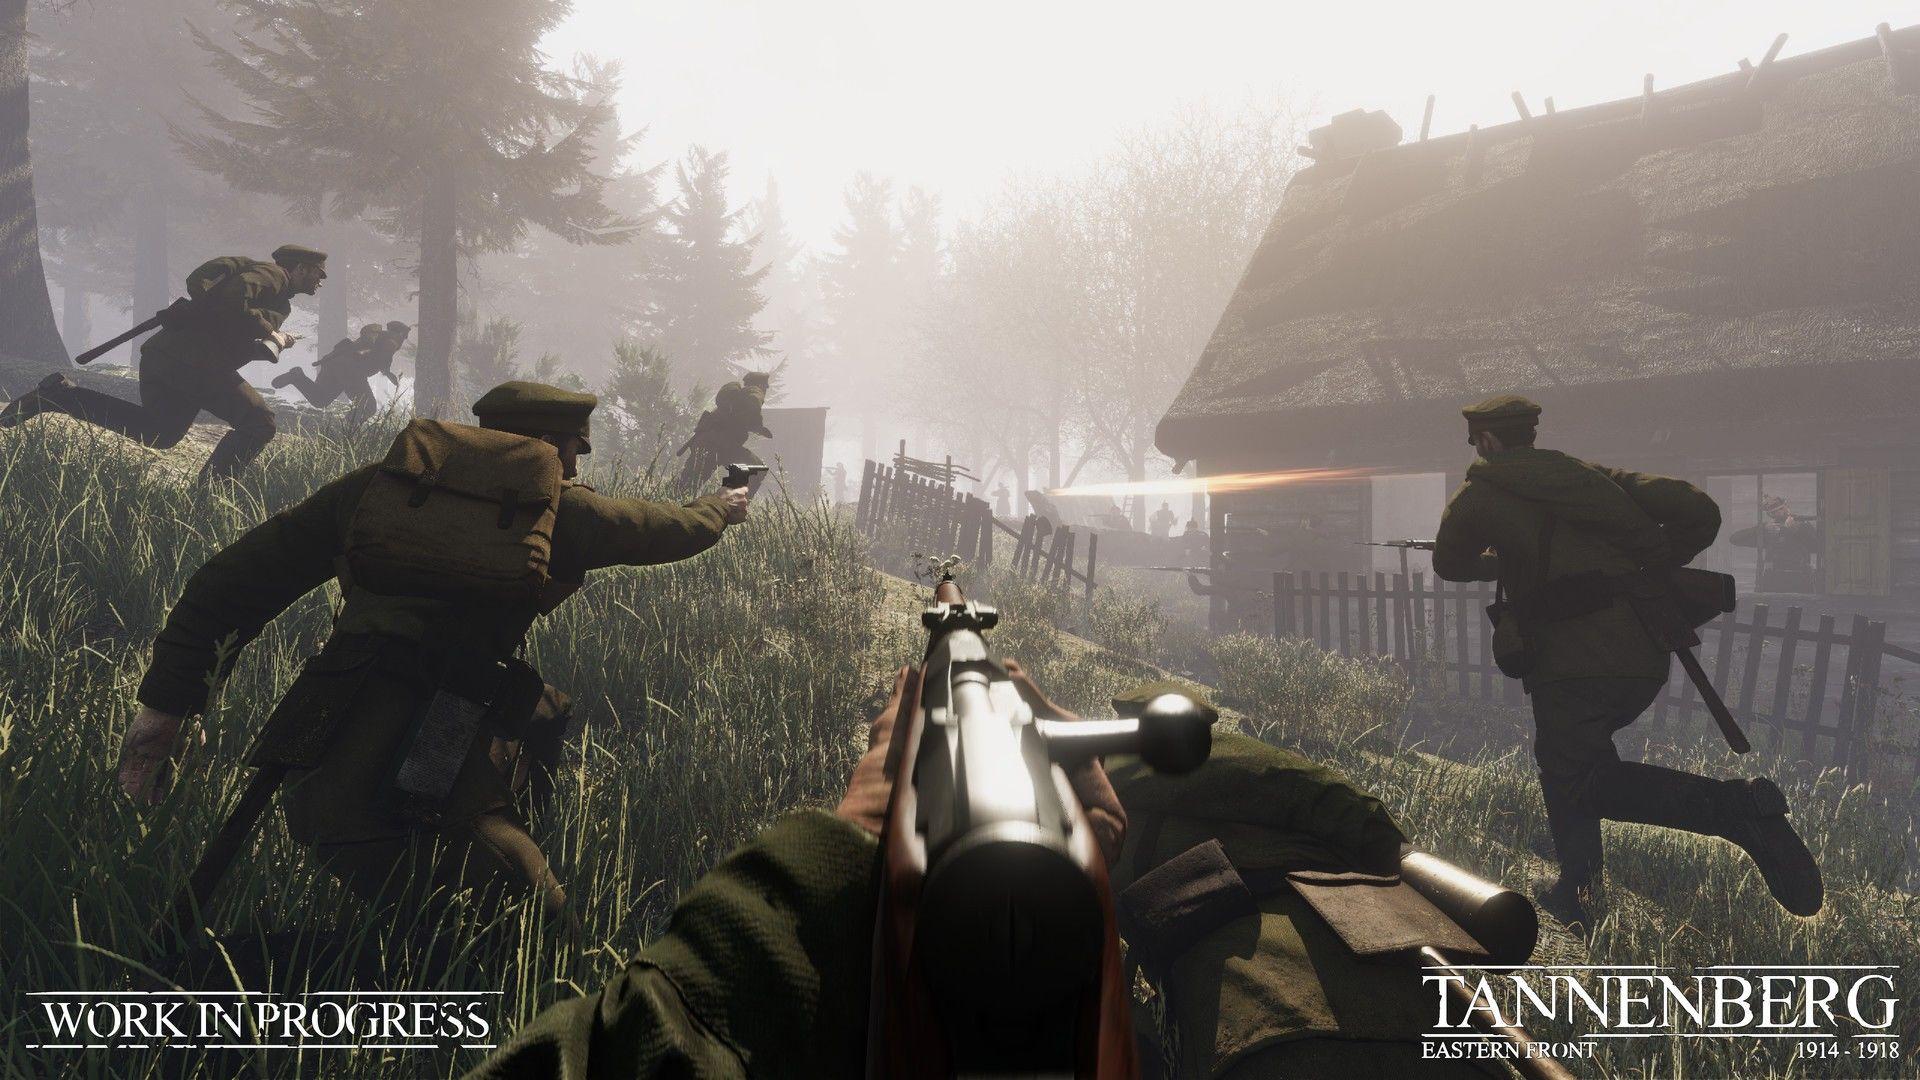 Tannenberg, PlayStation 4 ve Xbox One platformlarına geliyor